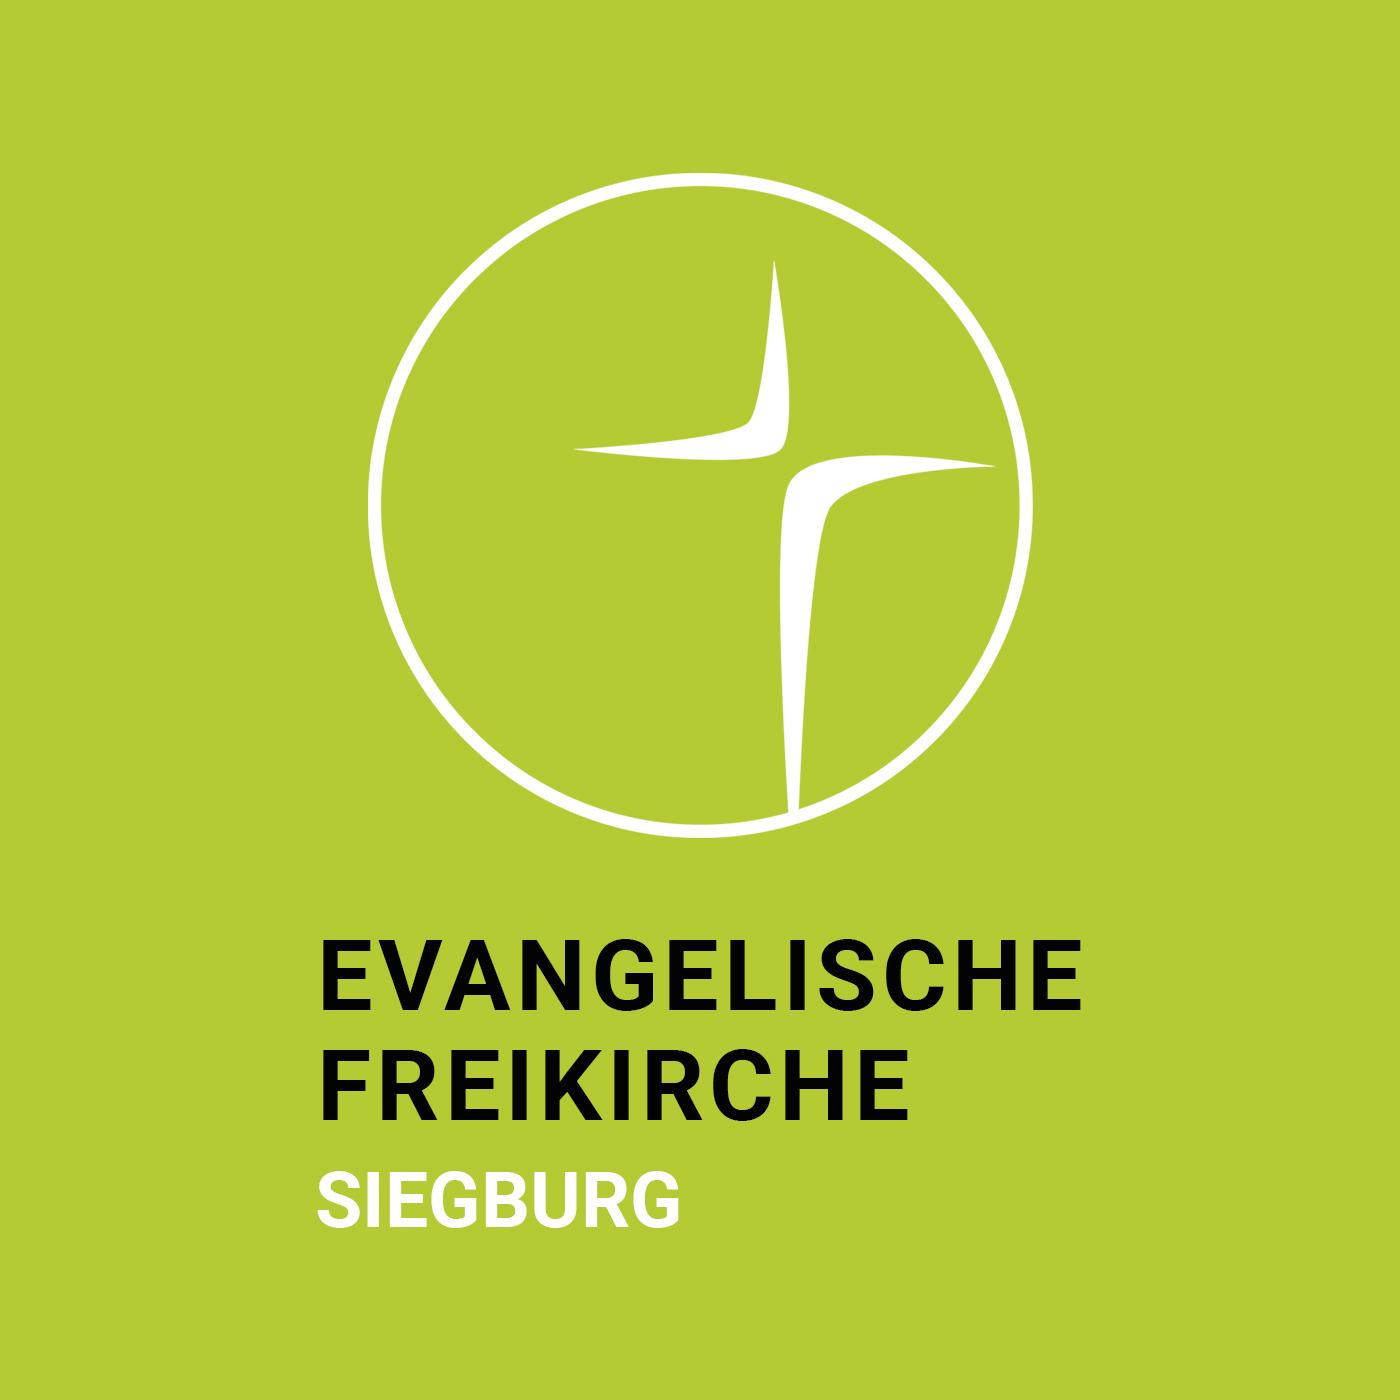 Evangelische Freikirche Siegburg e.V.